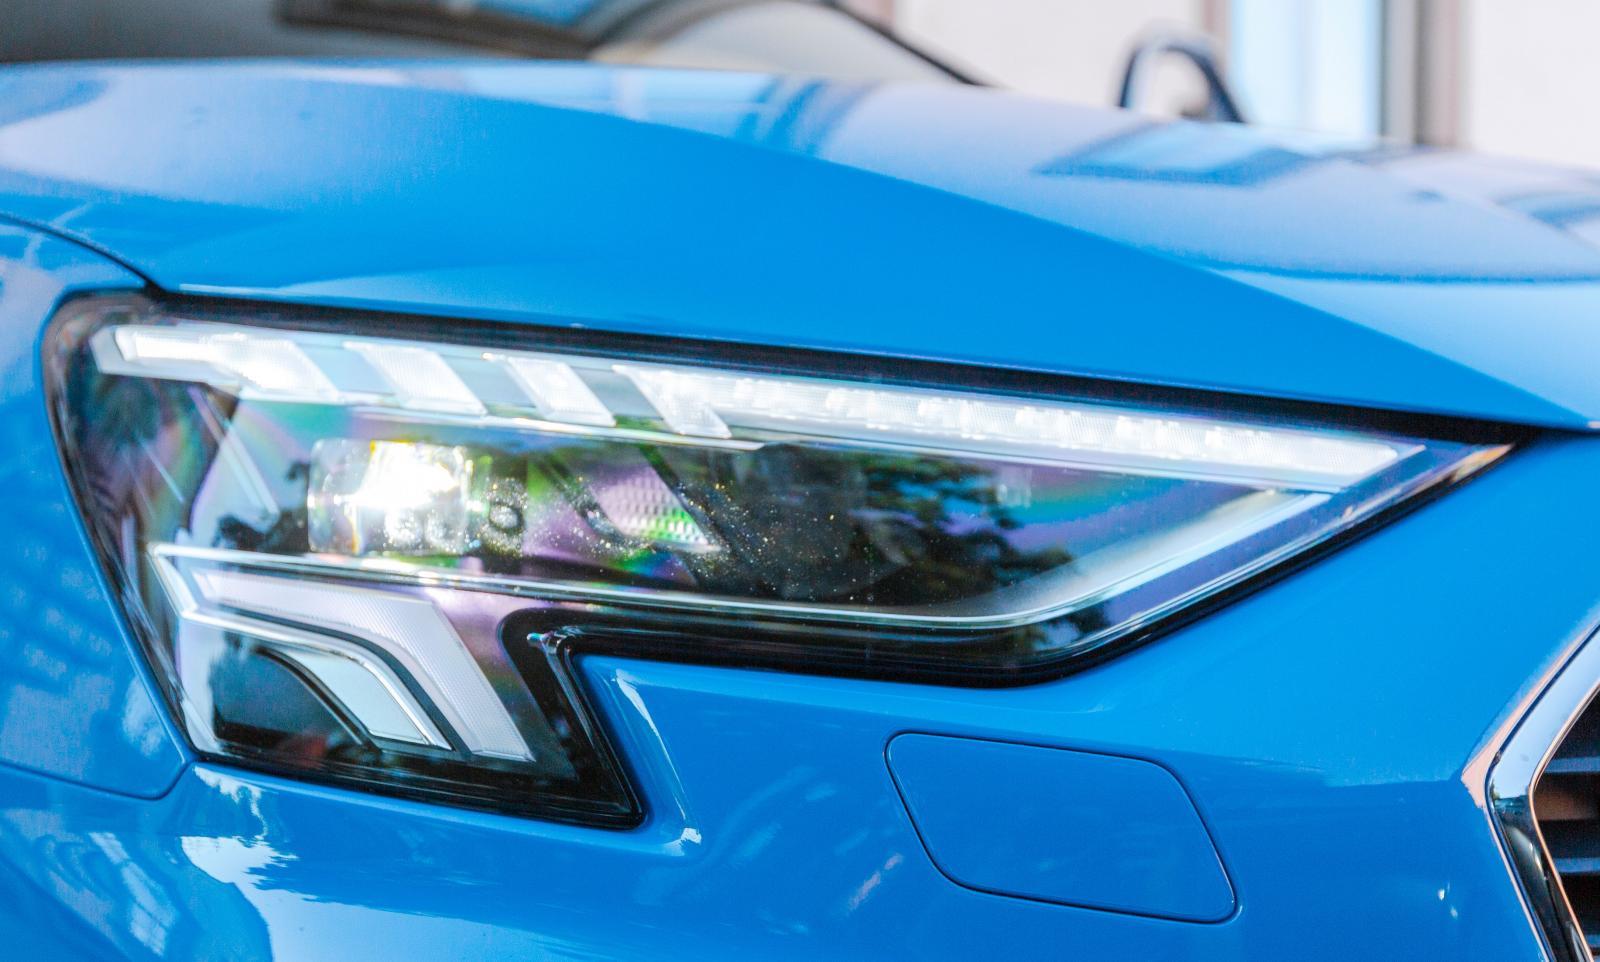 Audi luras, här finns ingen strålkastarspoling. 3200 kronor löser problemet.